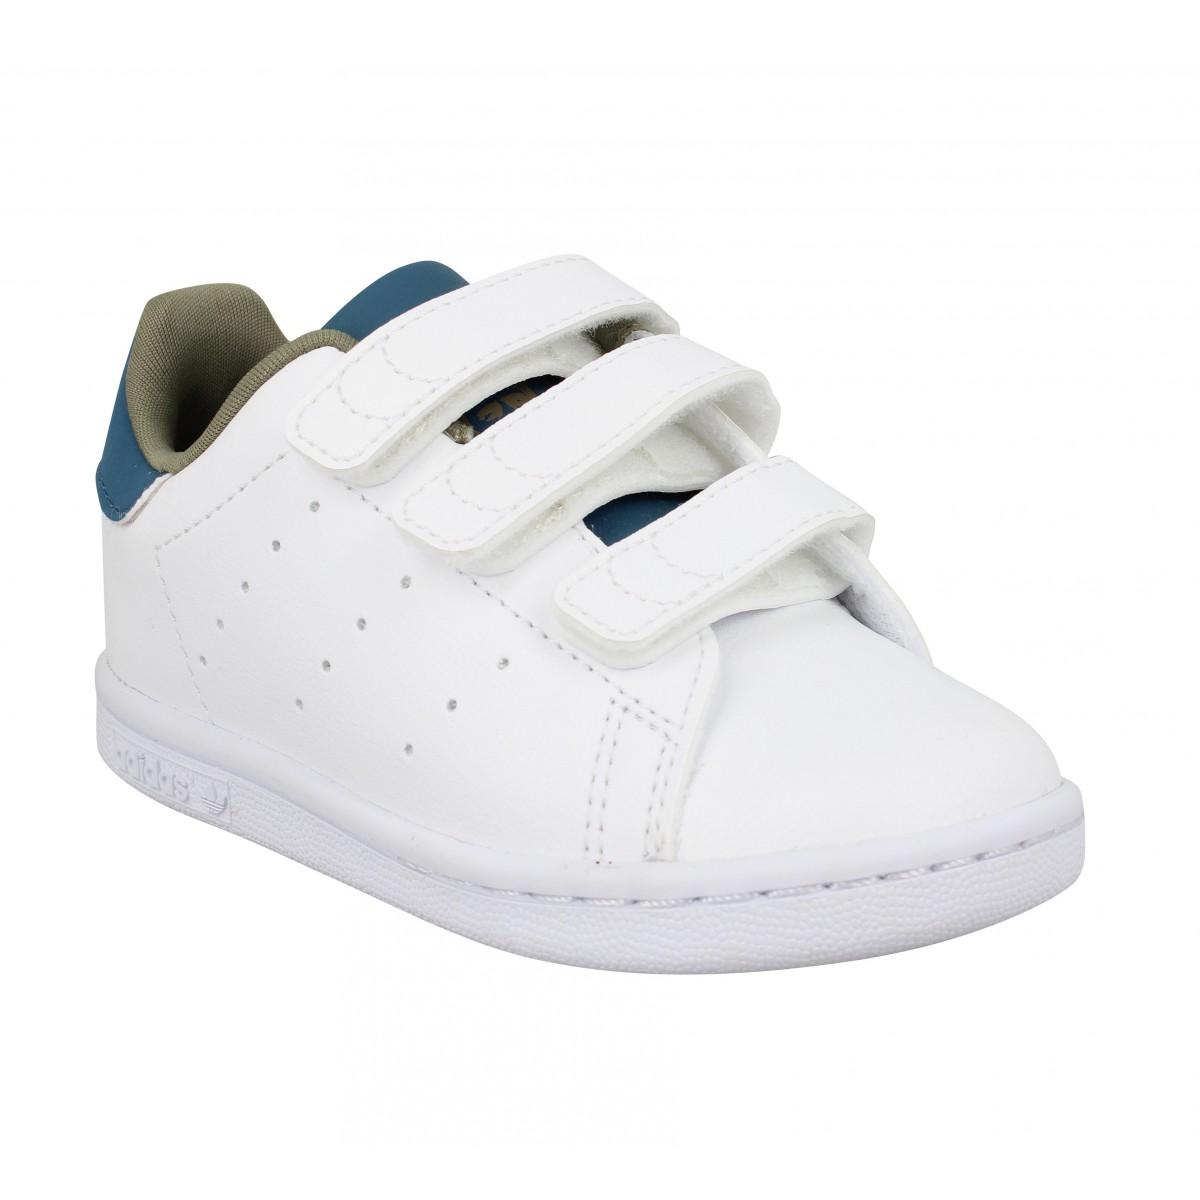 Baskets ADIDAS Stan Smith VL primegreen Enfant Blanc Bleu